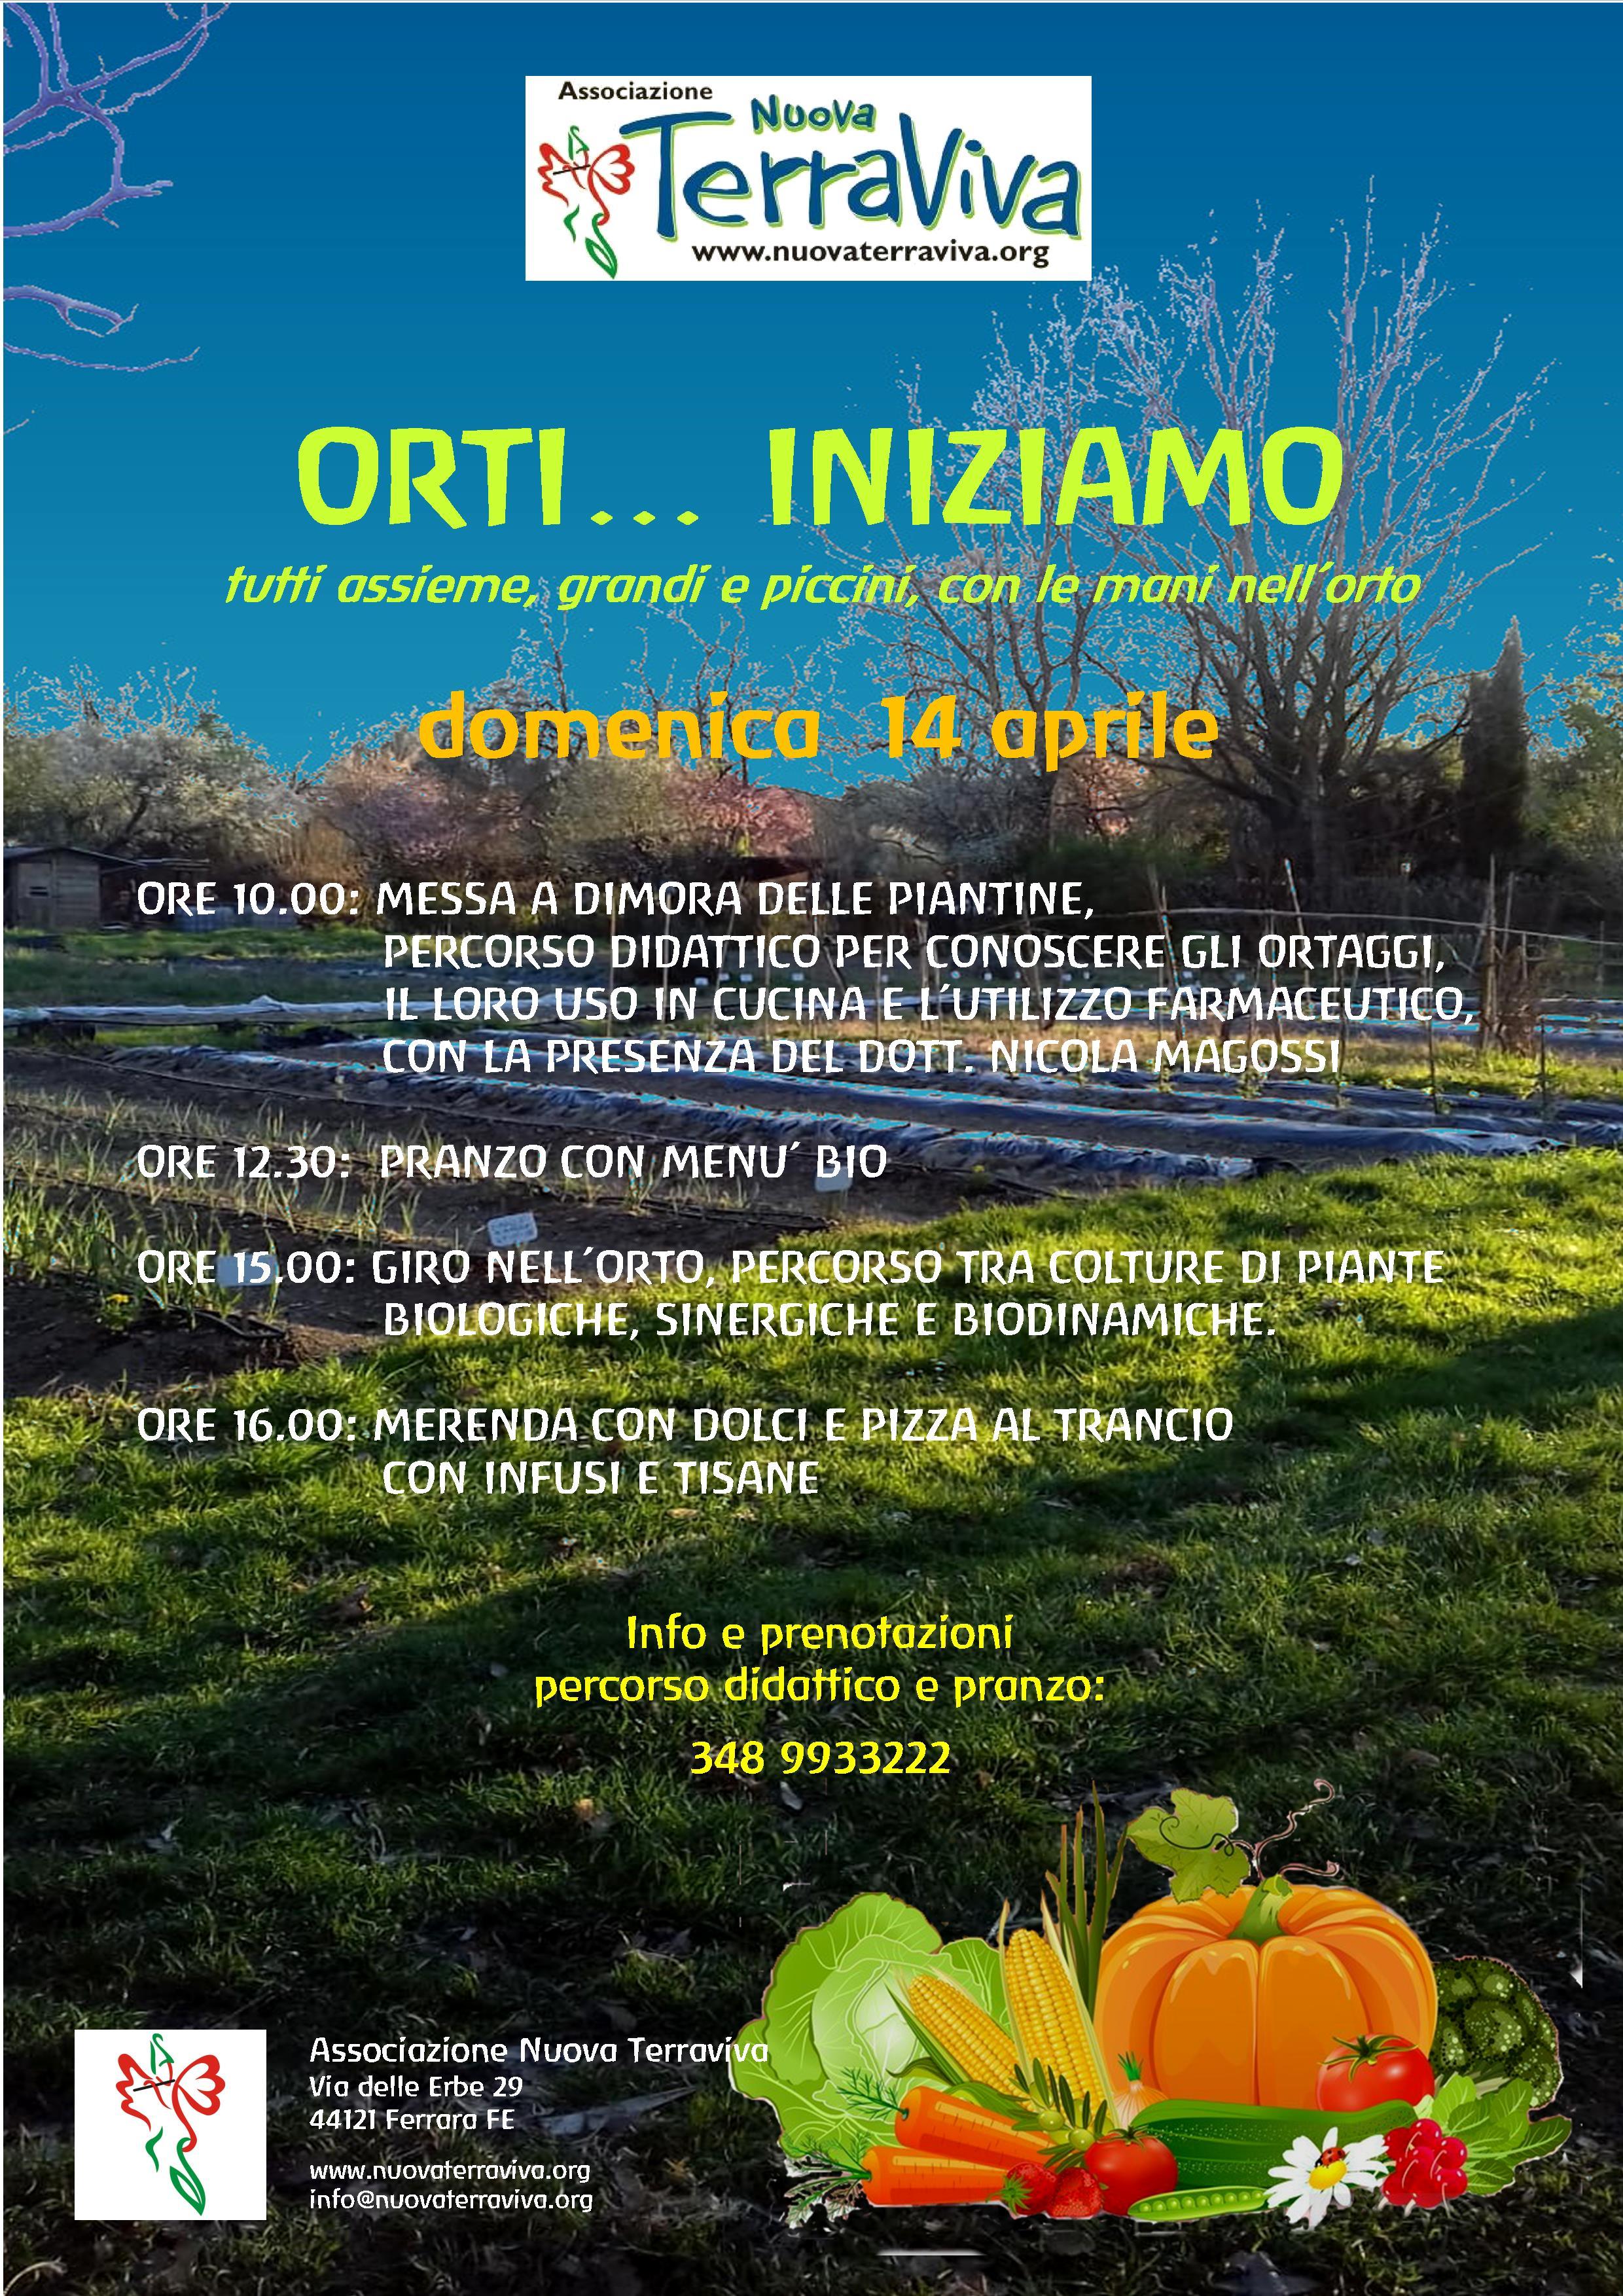 Orti... iniziamo @ Associazione Nuova Terraviva | Ferrara | Emilia-Romagna | Italia